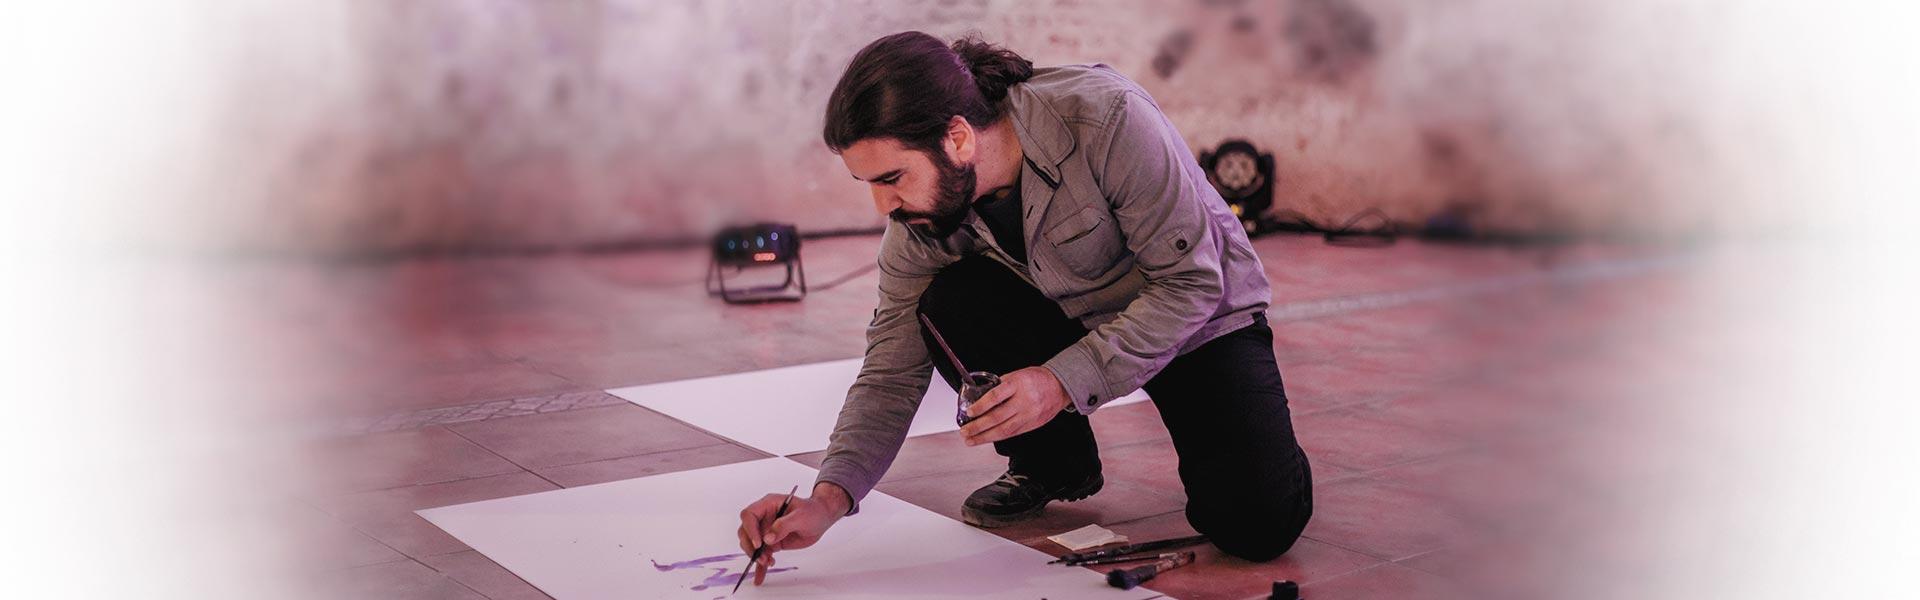 Patricio Hidalgo - Pintura